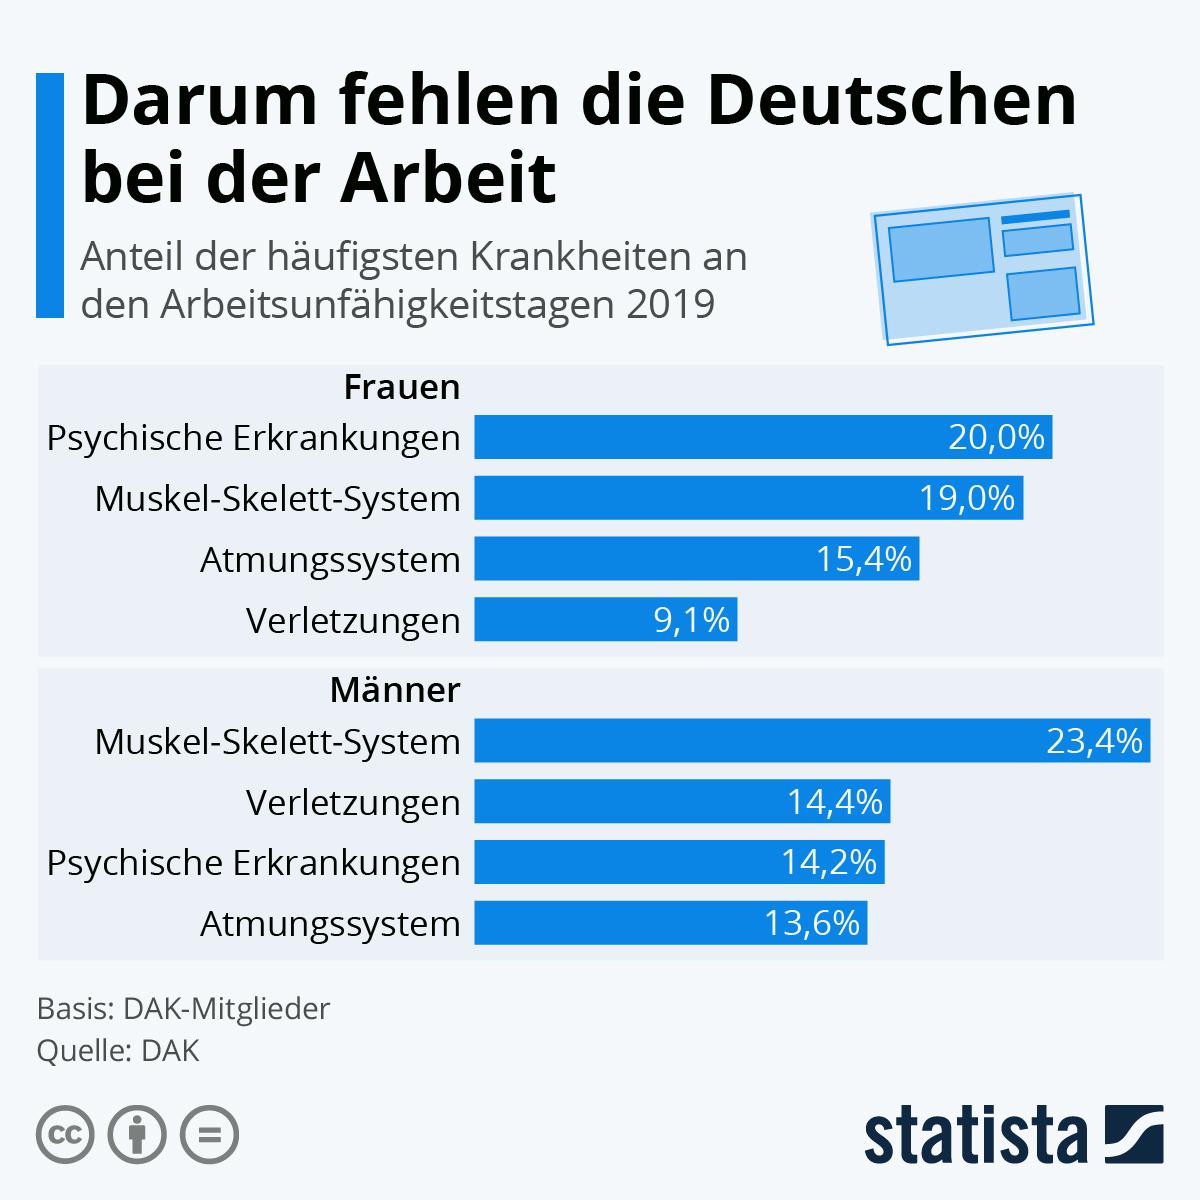 Infografik: Darum fehlen deutsche Arbeitnehmer | Statista